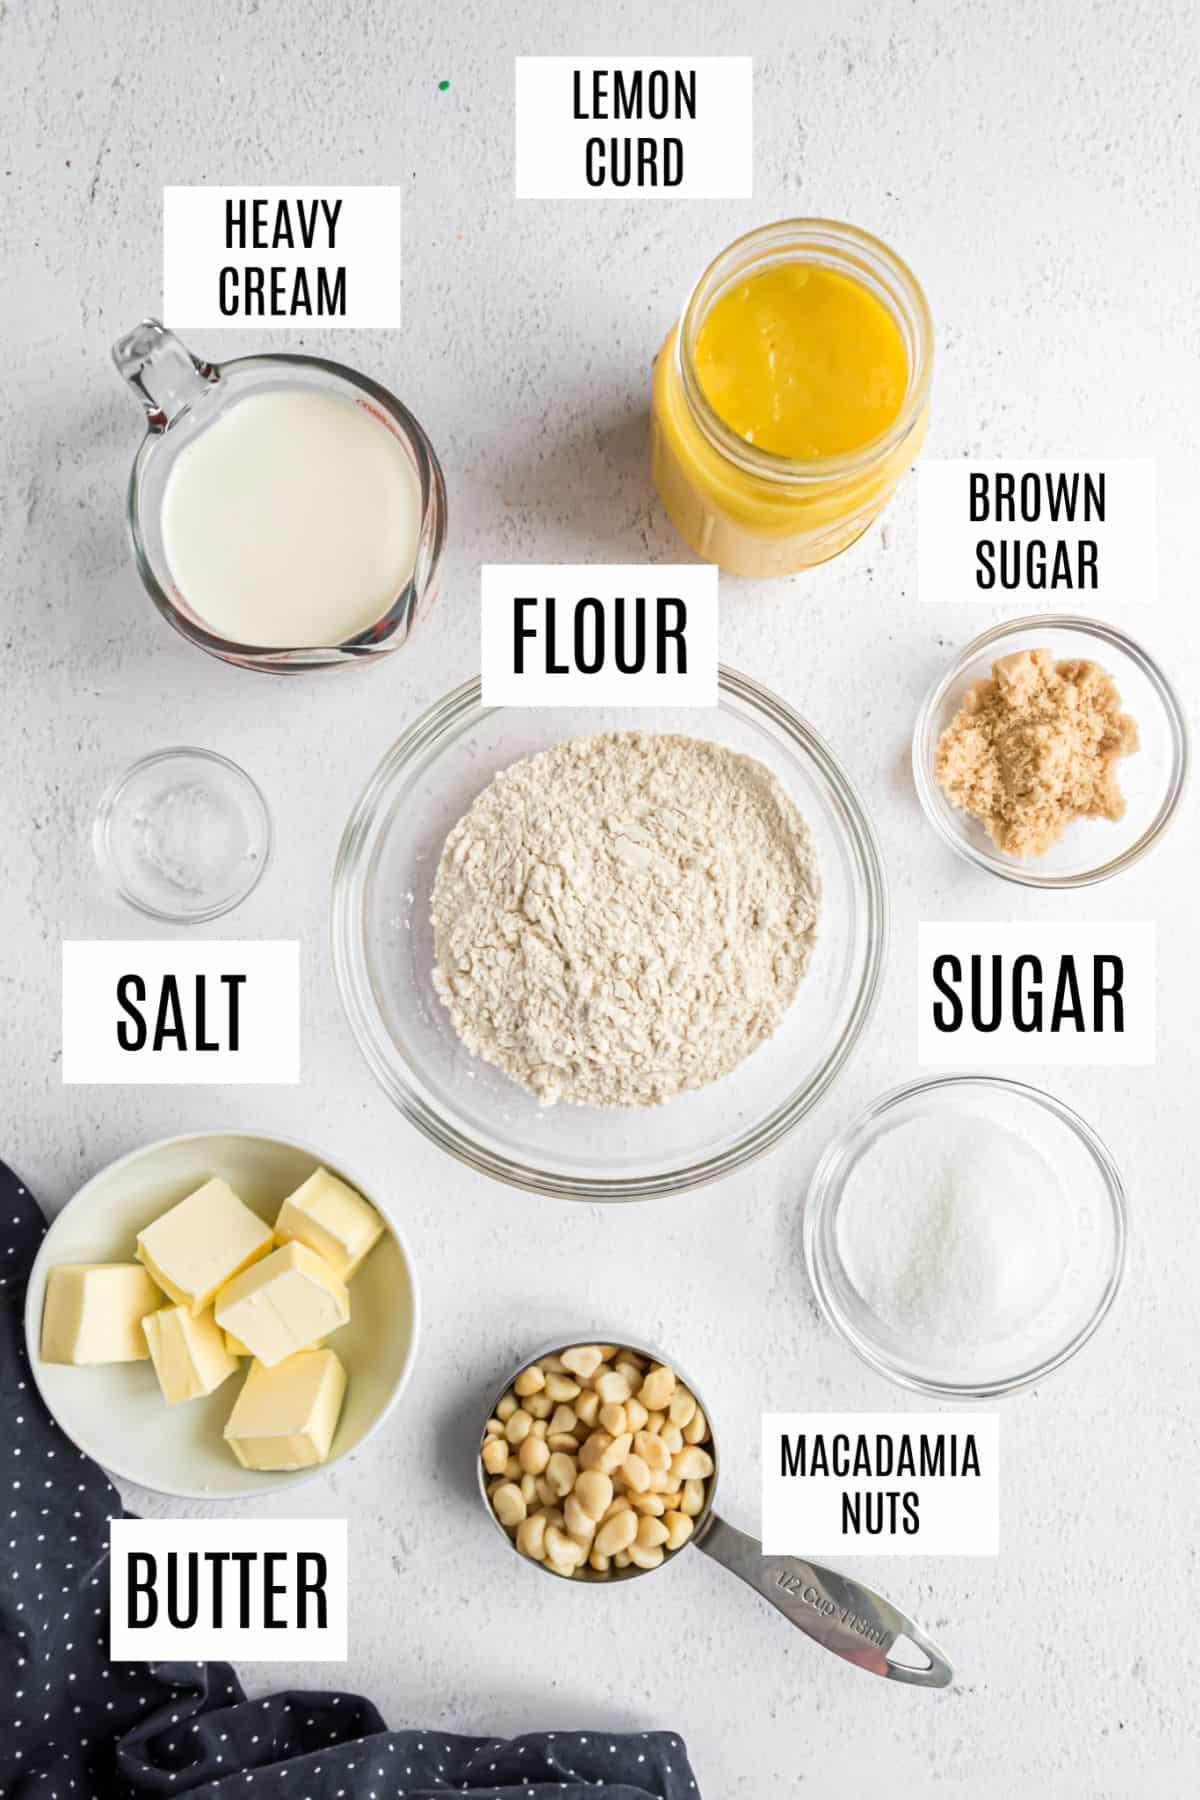 Lemon tart ingredients in small individual bowls.